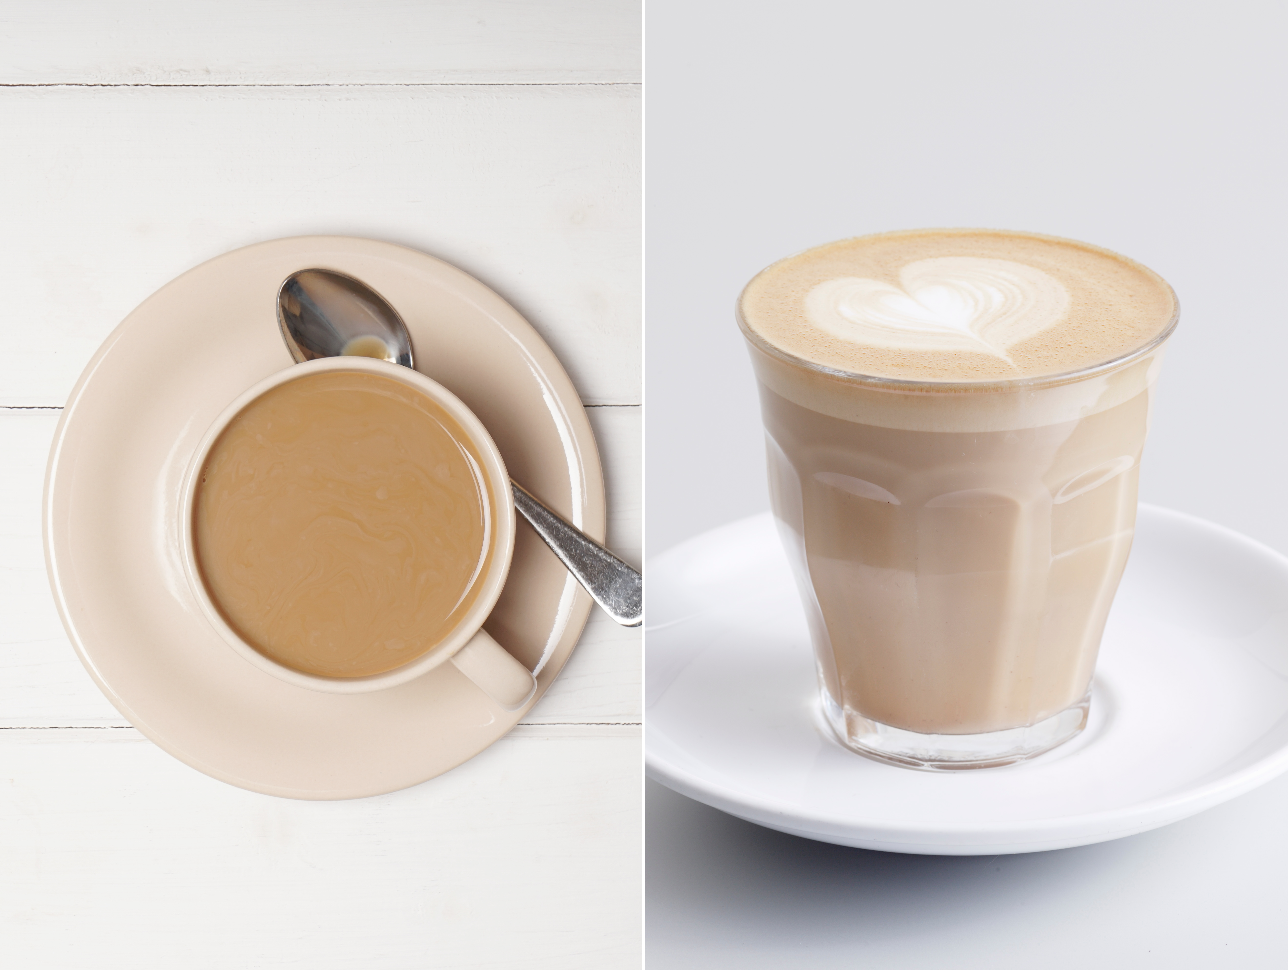 Café Au Lait vs. Latte: What's the Difference?